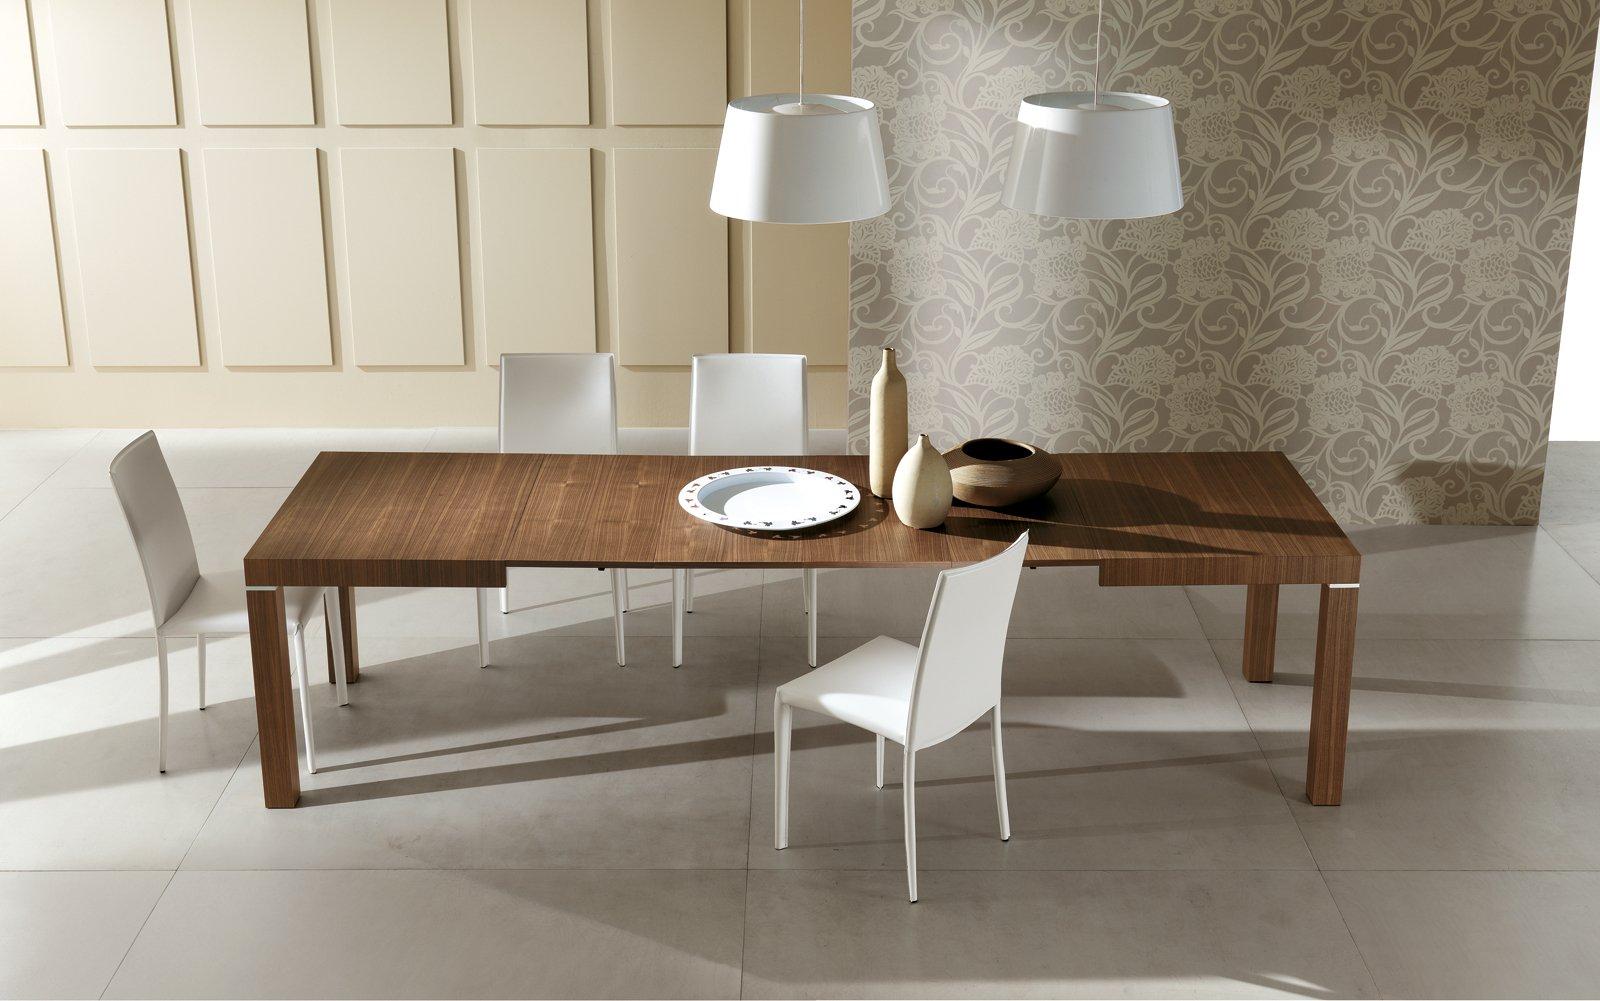 Tavoli e sedie per cucina o soggiorno cose di casa for Tavoli particolari per cucina